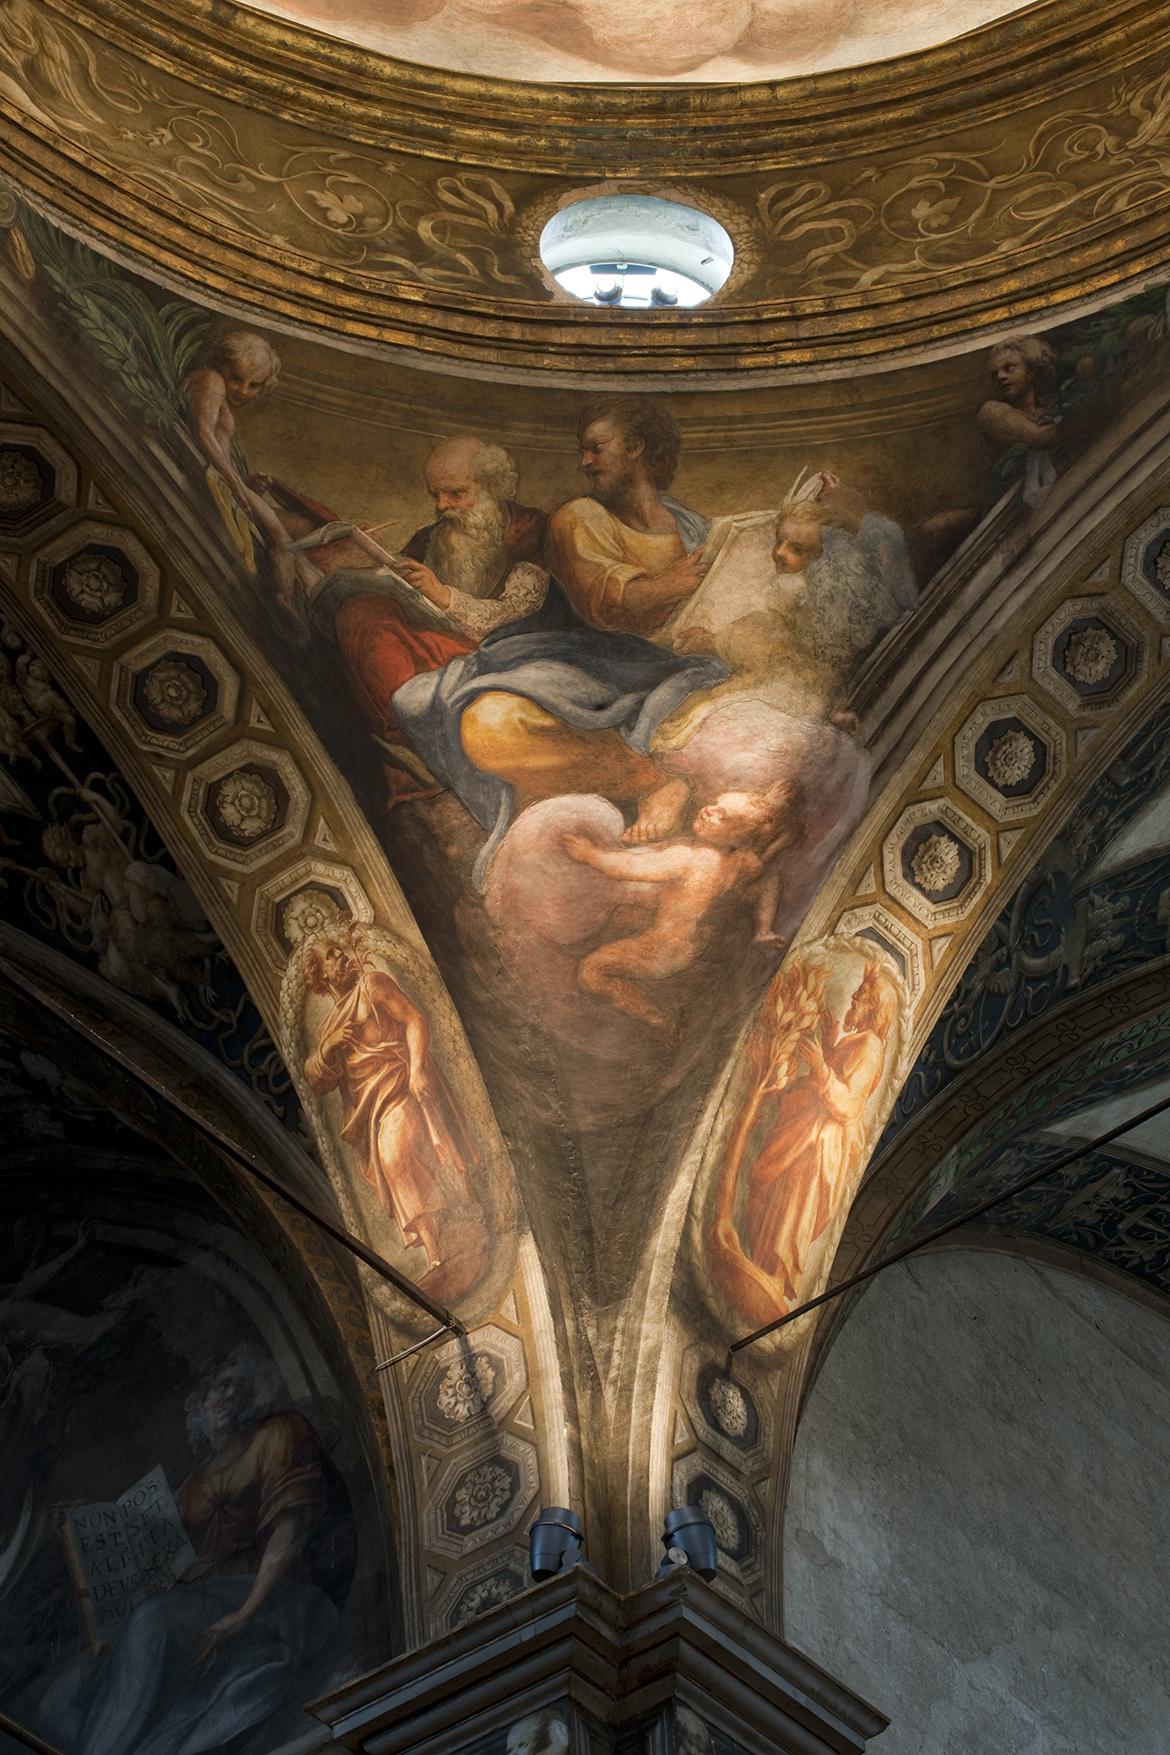 San Giovanni zu Parma | San Giovanni in Parma